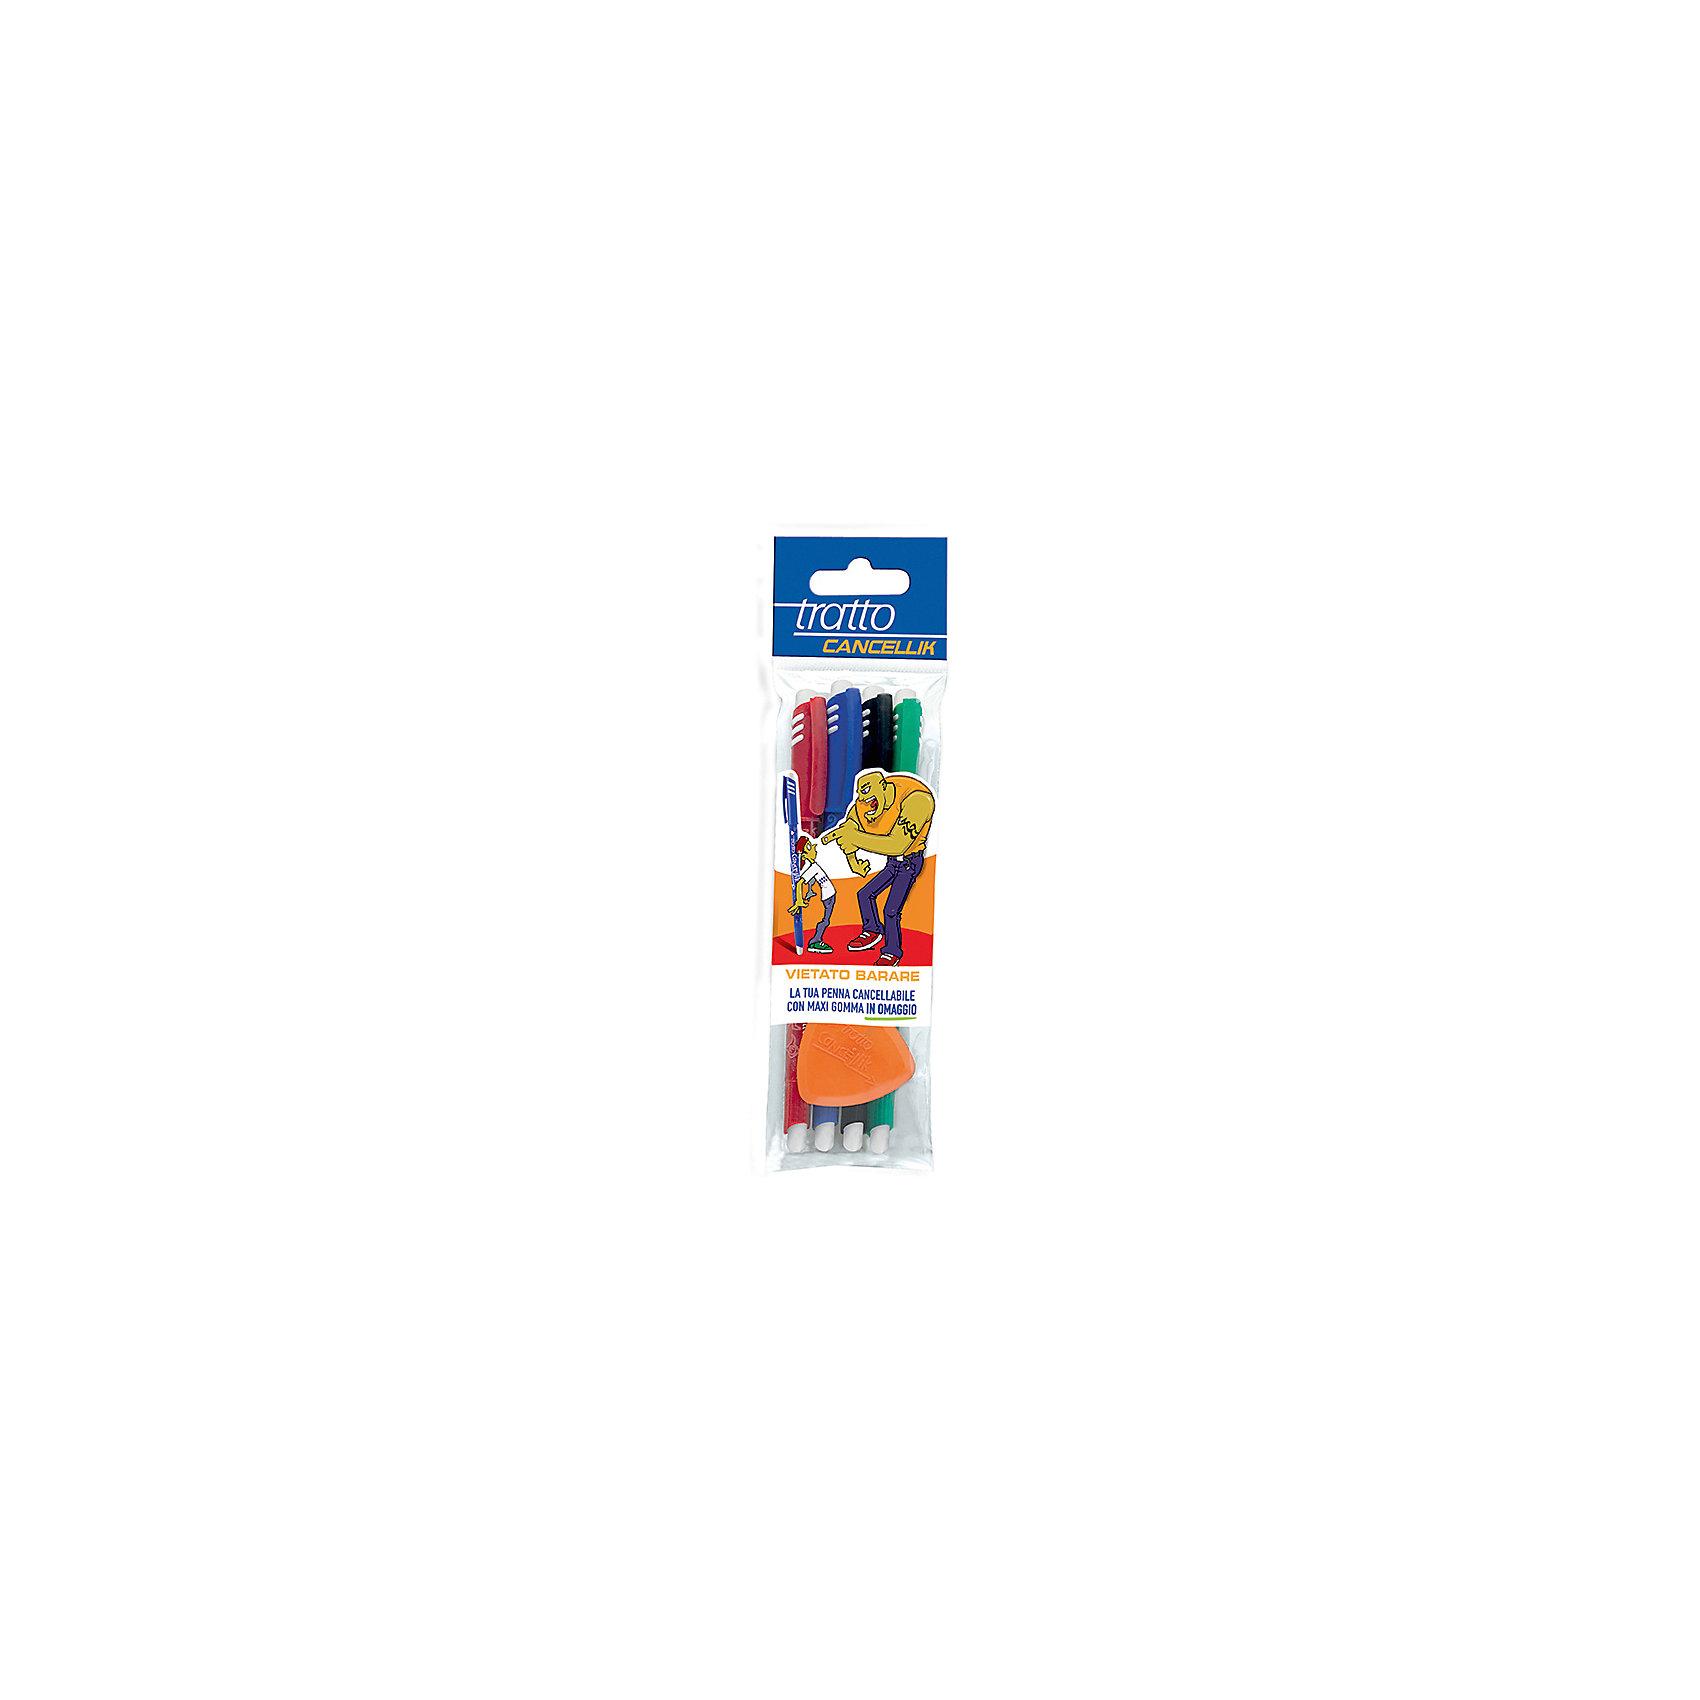 Шариковая ручка пиши-стирай, 4 шт в блистере + дополнительный ластик в наборе.Письменные принадлежности<br>Характеристики товара:<br><br>• в комплекте: 4 ручки, ластик;<br>• цвета чернил: черный, синий, красный, зеленый;<br>• поворотный механизм;<br>• толщина пишущего узла: 1 мм;<br>• материал: пластик;<br>• размер упаковки: 21х2х6 см;<br>• вес: 80 грамм;<br>• возраст: от 3 лет.<br><br>Шариковые ручки «пиши-стирай» позволят ребенку исправить ошибки, сделанные при написании. Чернила можно удалить ластиком в течение 24 часов после написания. В комплект входят 4 ручки: синяя, черная, зеленая, красная. Дополнительный ластик в комплекте. Чернила ручек обладают повышенной вязкостью, благодаря чему очень экономно расходуются и мягко пишут. <br><br>Шариковую ручку пиши-стирай, 4 шт в блистере + ластик можно купить в нашем интернет-магазине.<br><br>Ширина мм: 70<br>Глубина мм: 20<br>Высота мм: 160<br>Вес г: 61<br>Возраст от месяцев: 72<br>Возраст до месяцев: 120<br>Пол: Унисекс<br>Возраст: Детский<br>SKU: 5107778